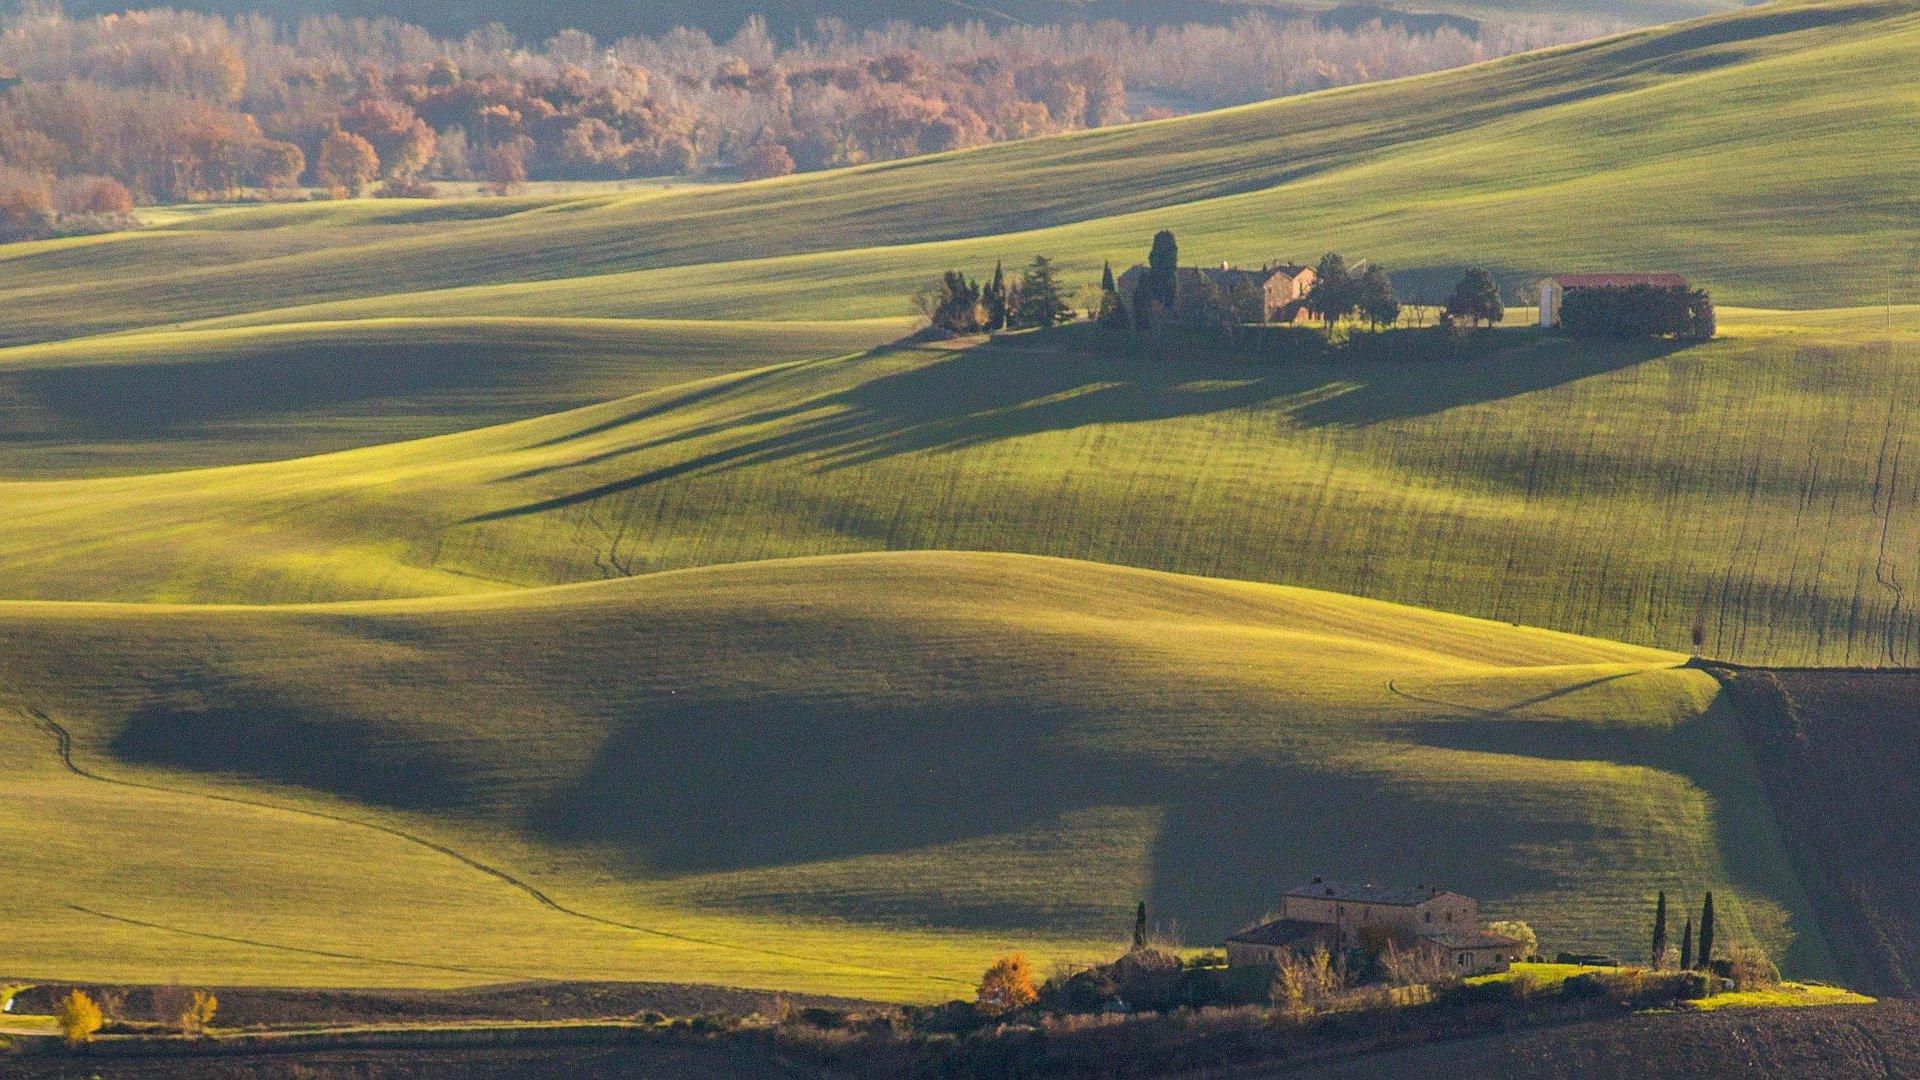 tuscany-4664879_1920 (1)